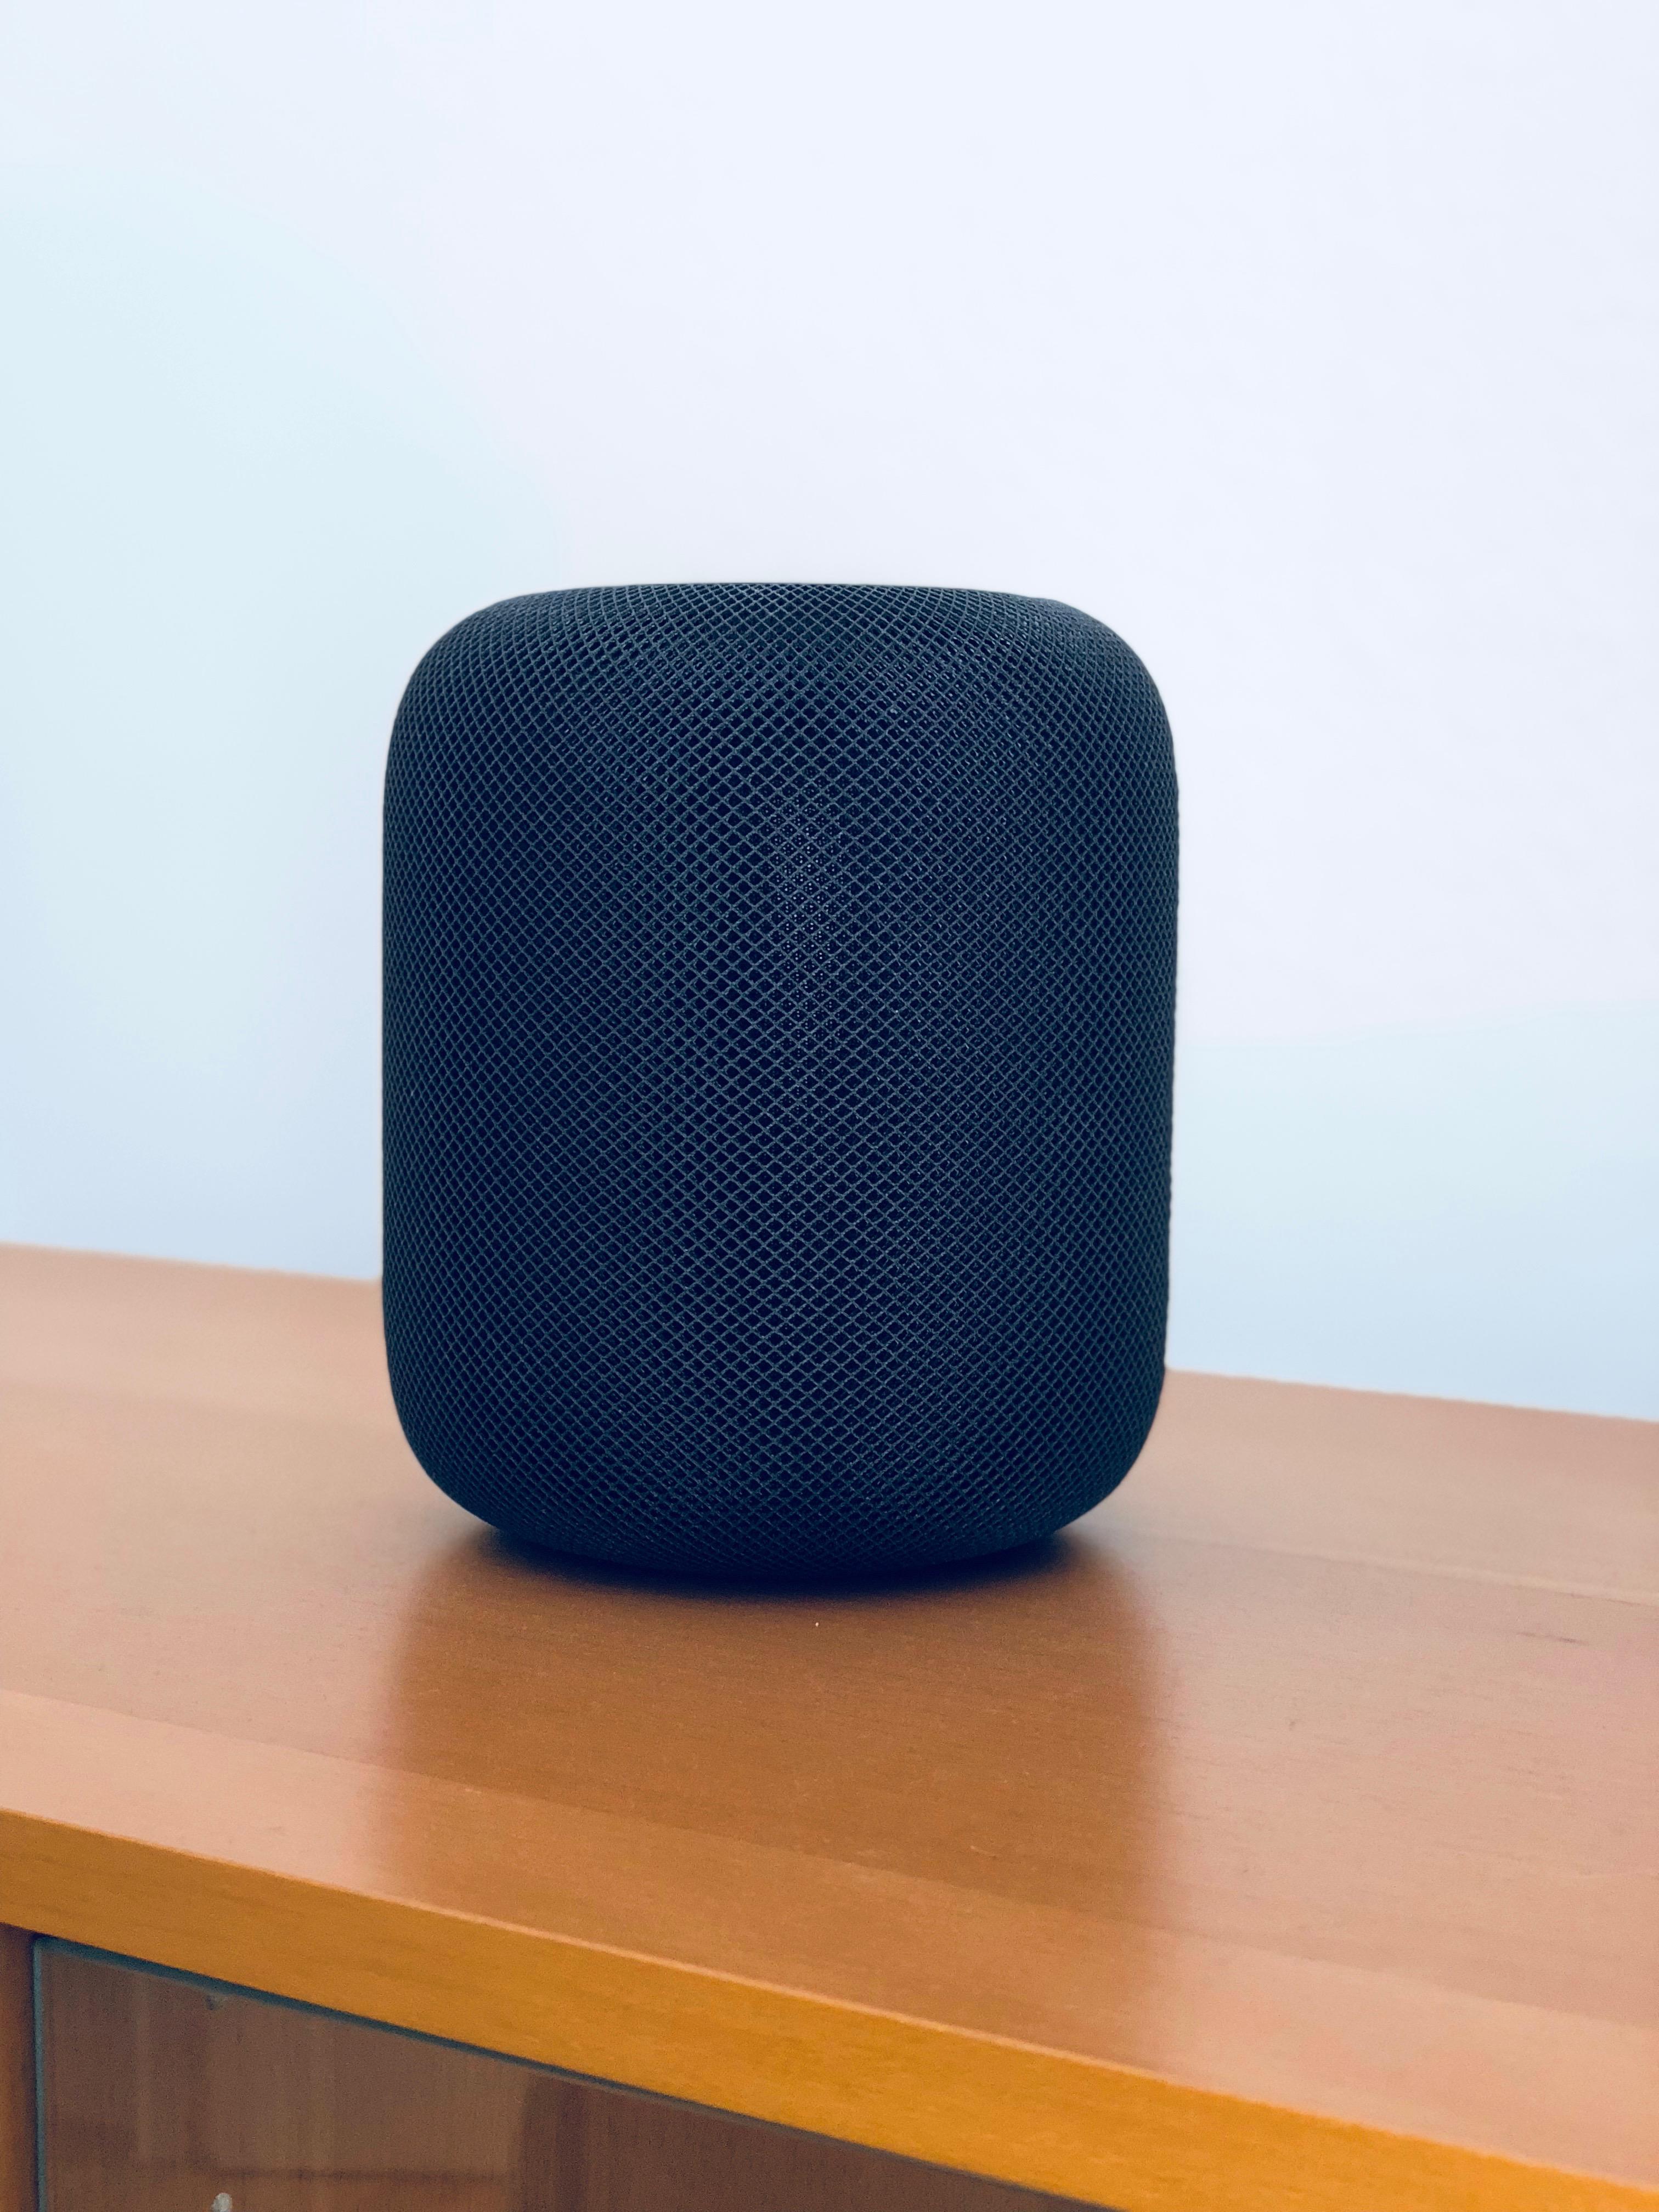 Bringt Apples Beats einen eigenen Smart Speaker auf den Markt?